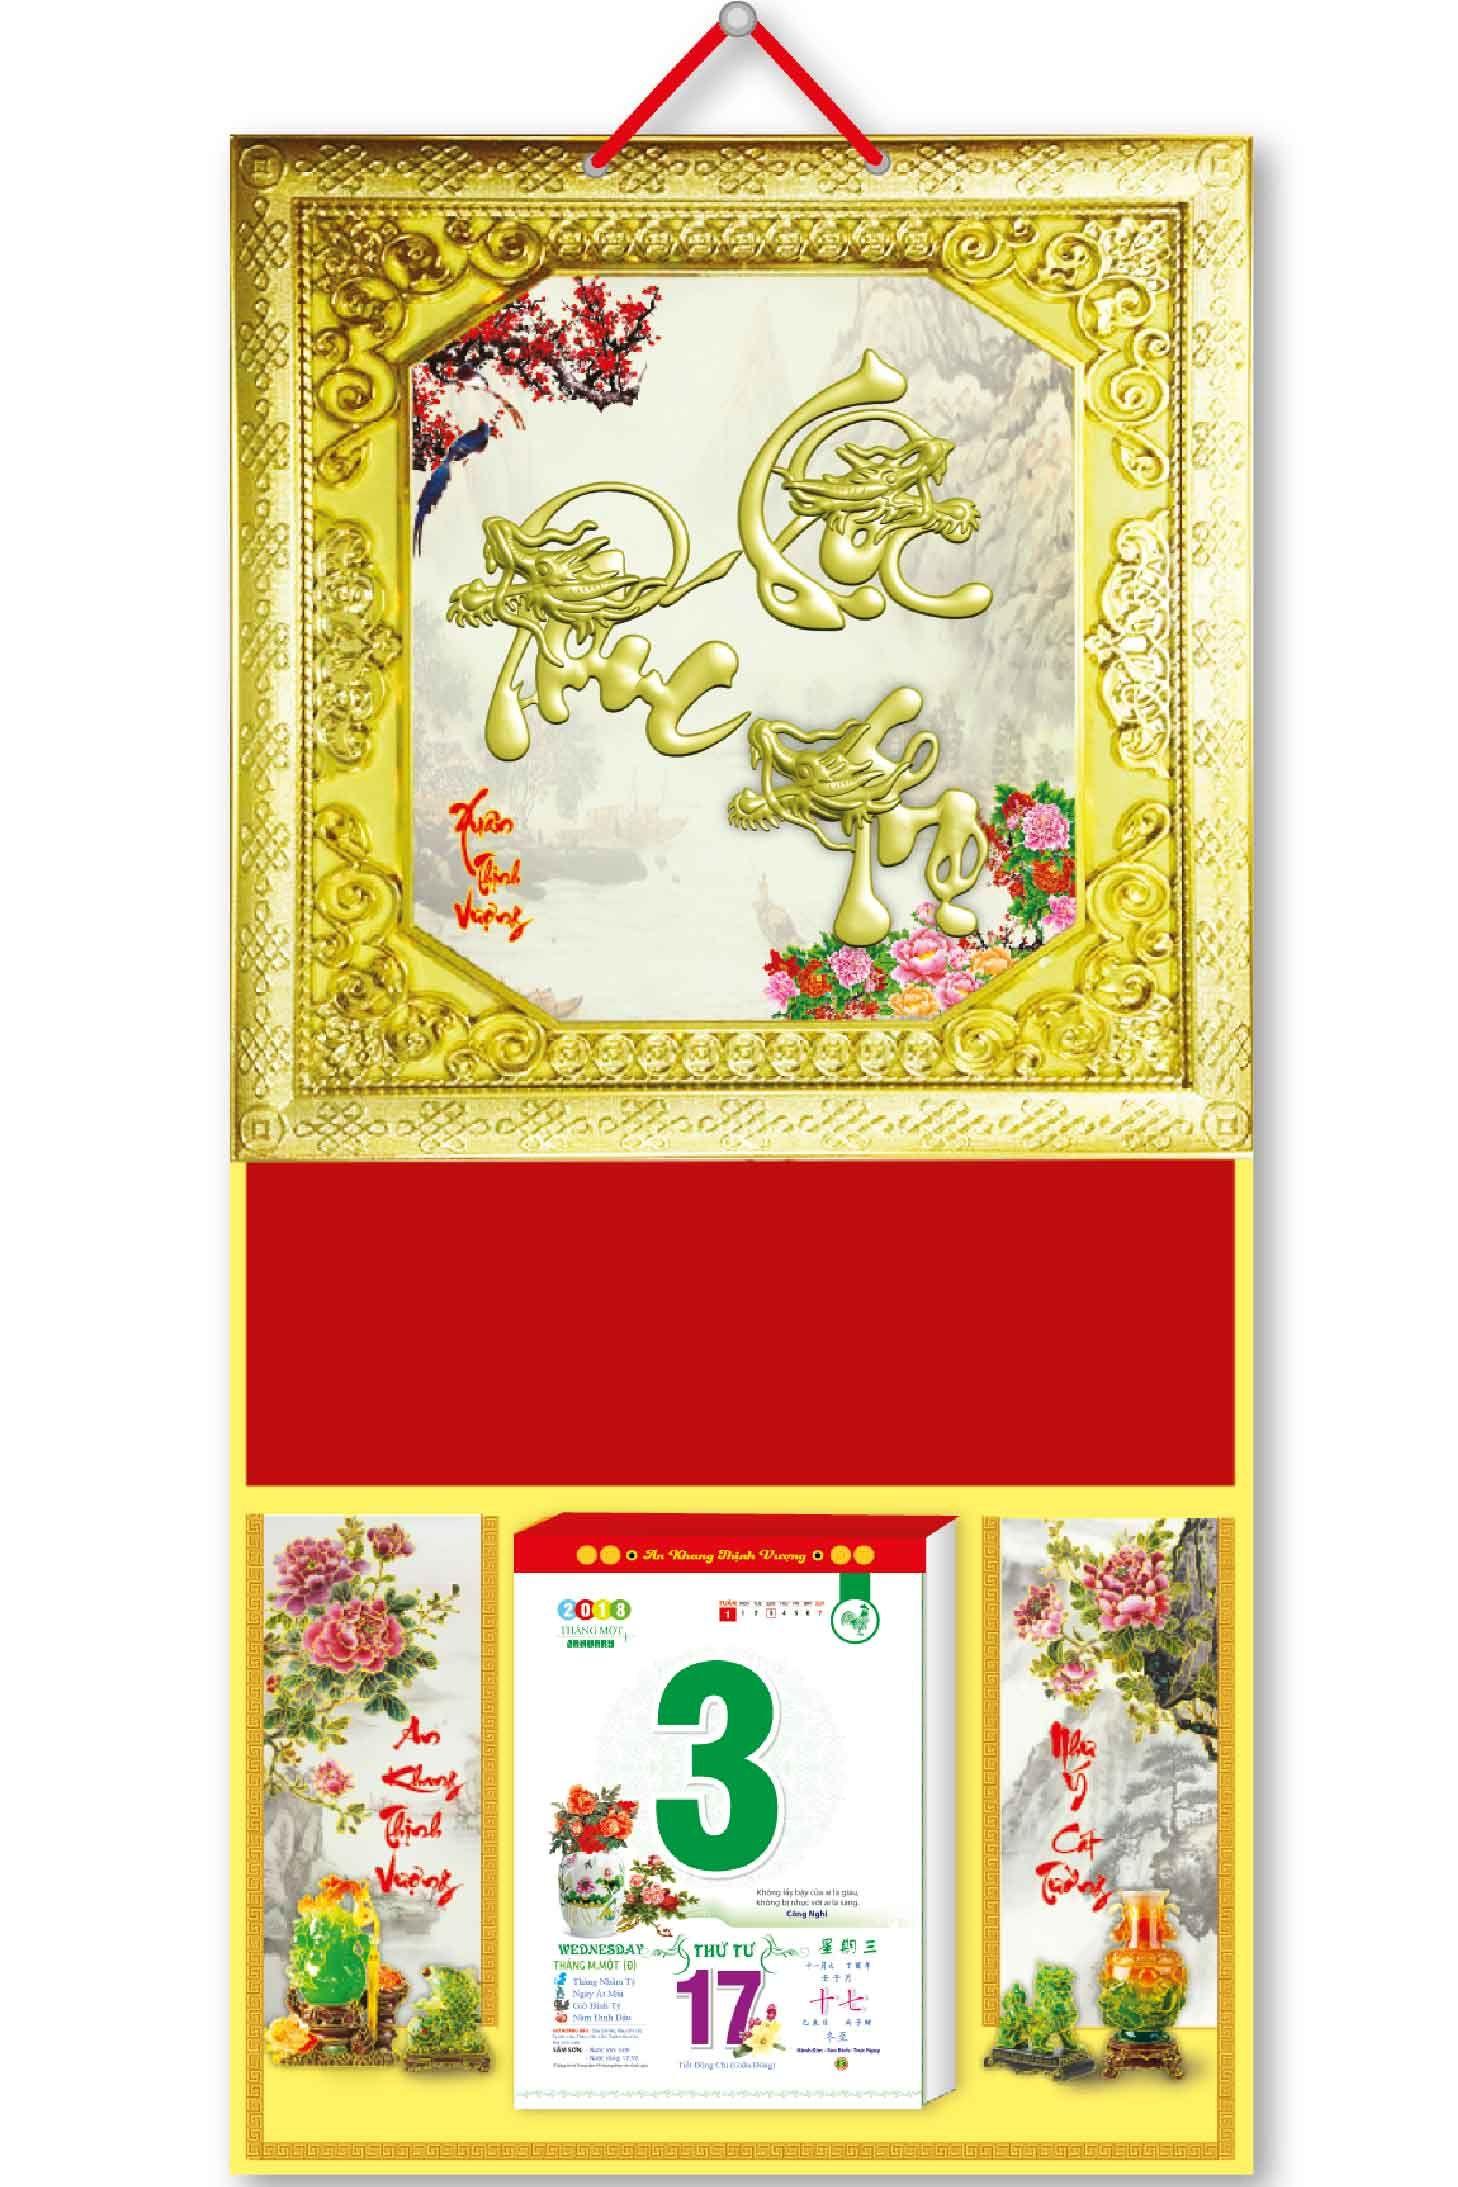 KV80 - Bìa Treo Lịch 2018 Metalize Ép Kim Cao Cấp 7 Màu (35 x 70cm) - Khung Vàng, Dán nổi chữ Phúc Lộc Thọ Đầu rồng nhỏ - EBOOK/PDF/PRC/EPUB